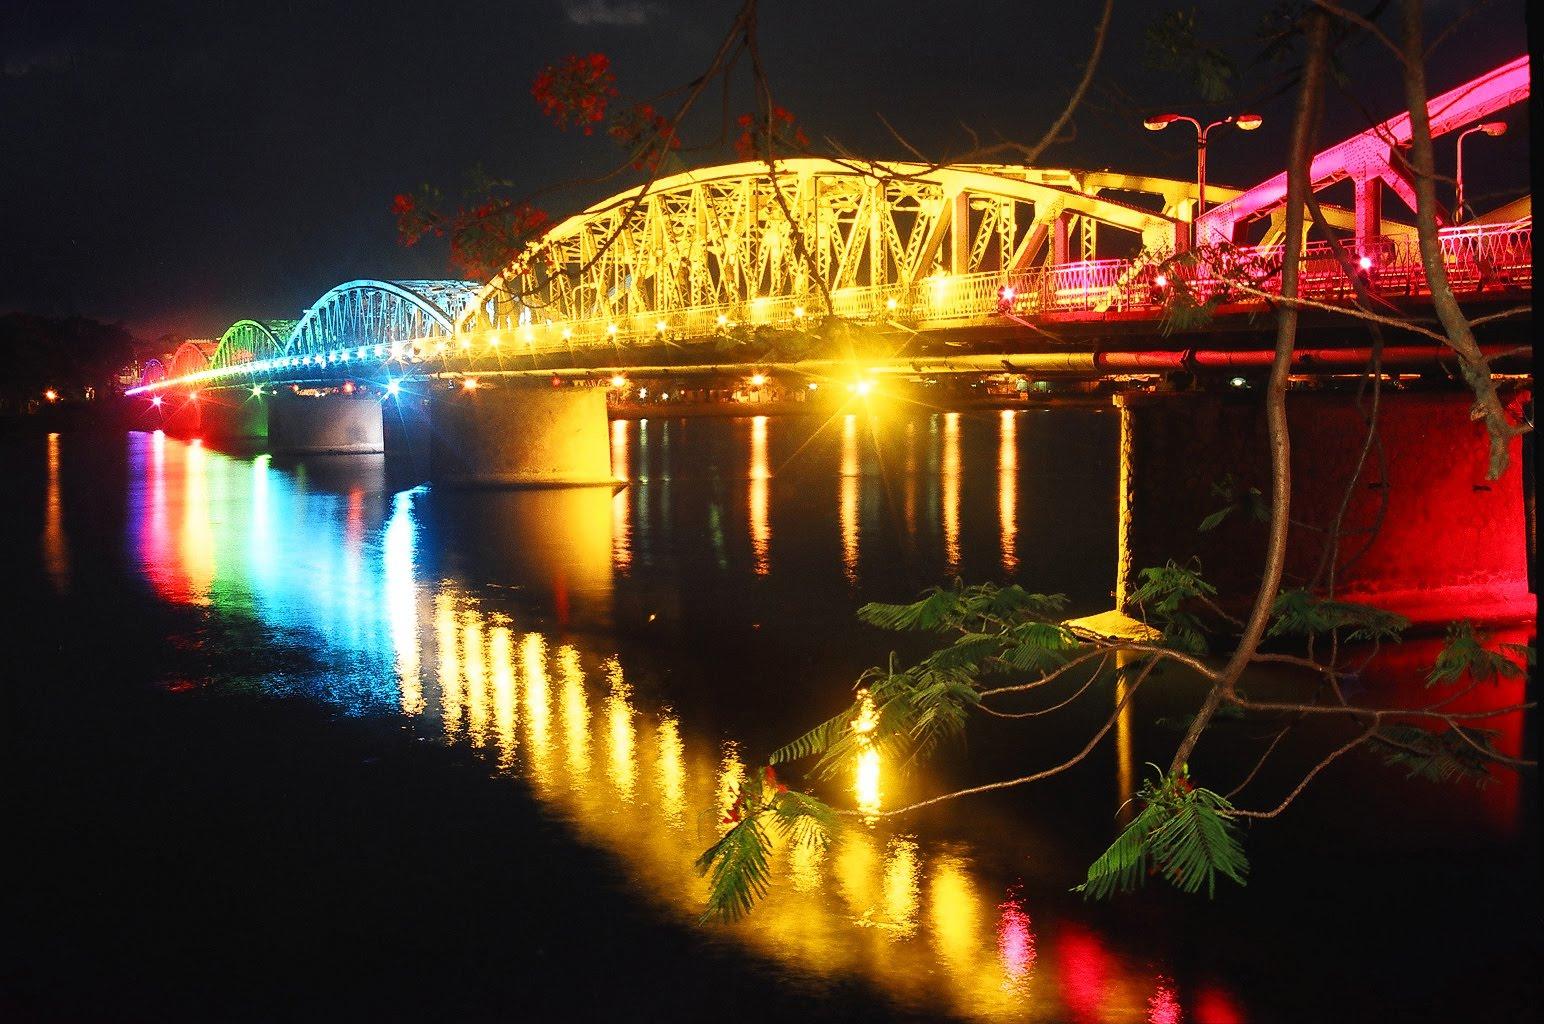 Địa điểm du lịch Huế - Cầu Trường Tiền vào ban đêm